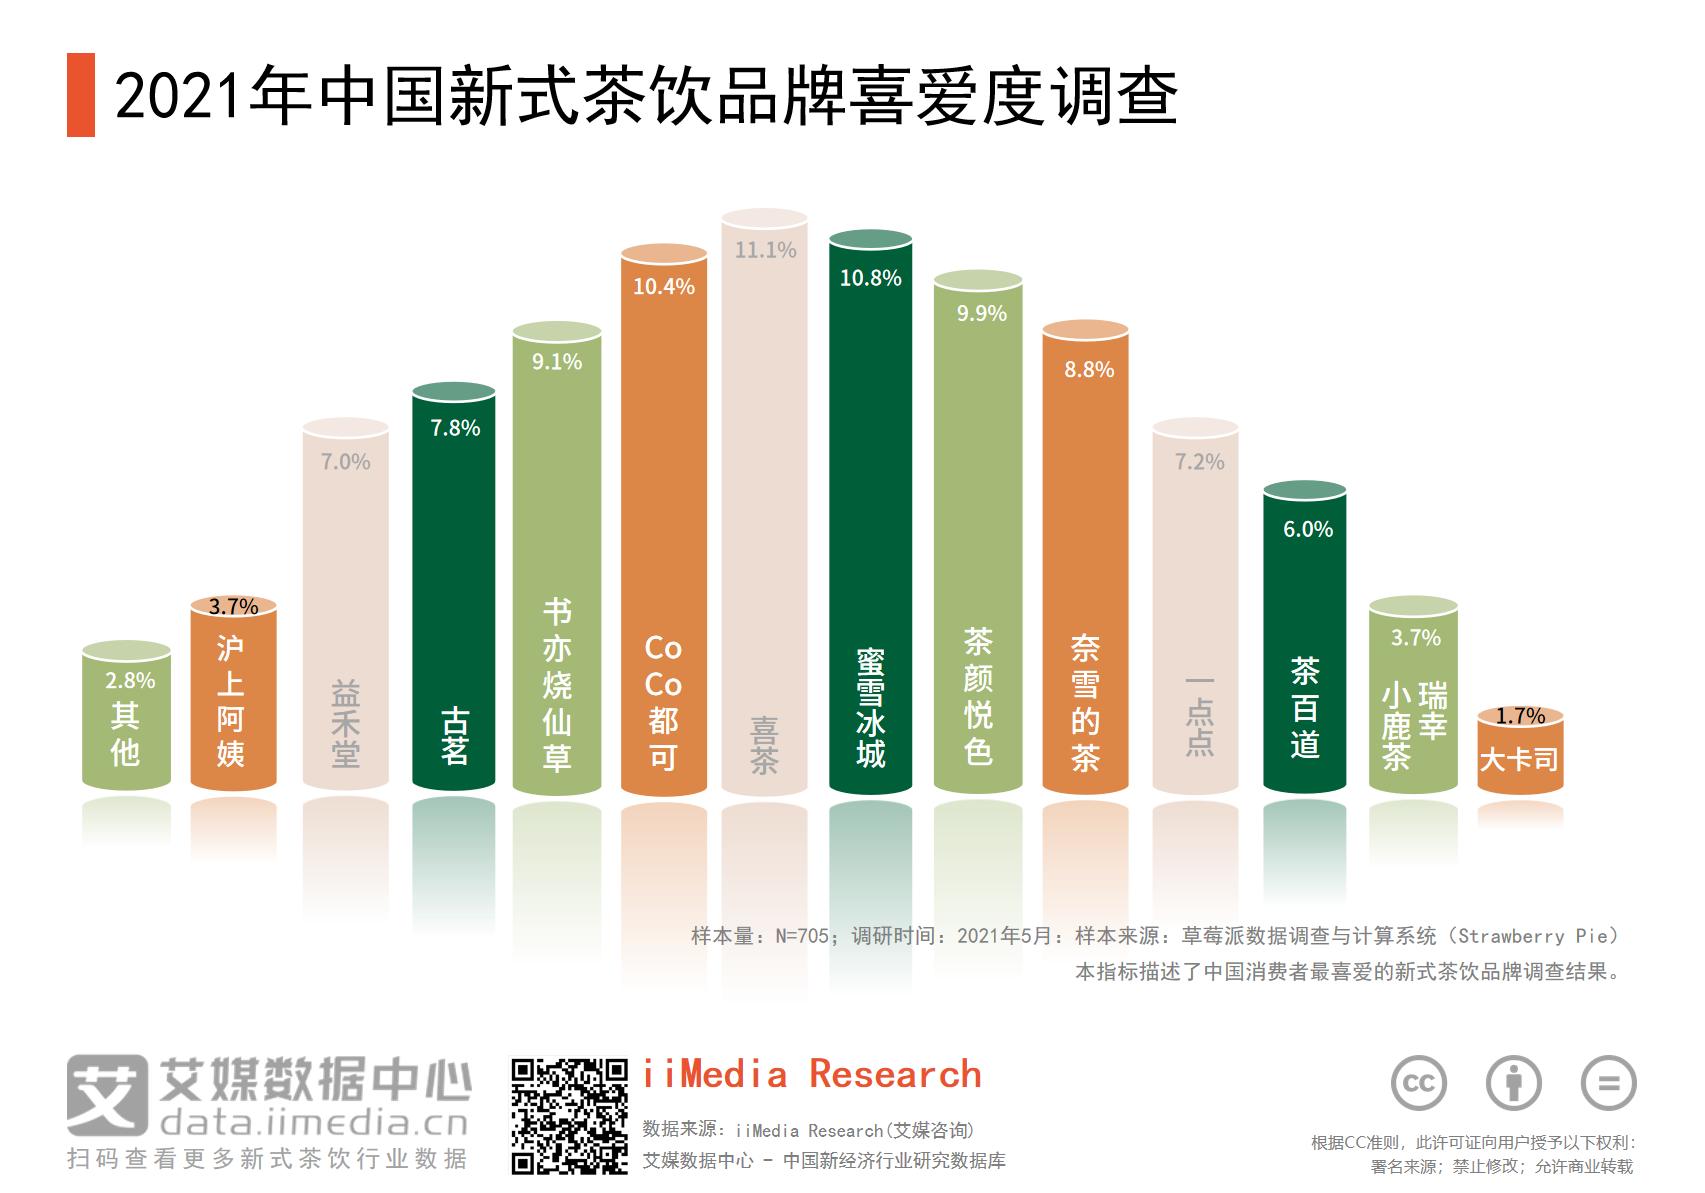 2021年喜茶品牌喜爱度最高,占比达11.1%